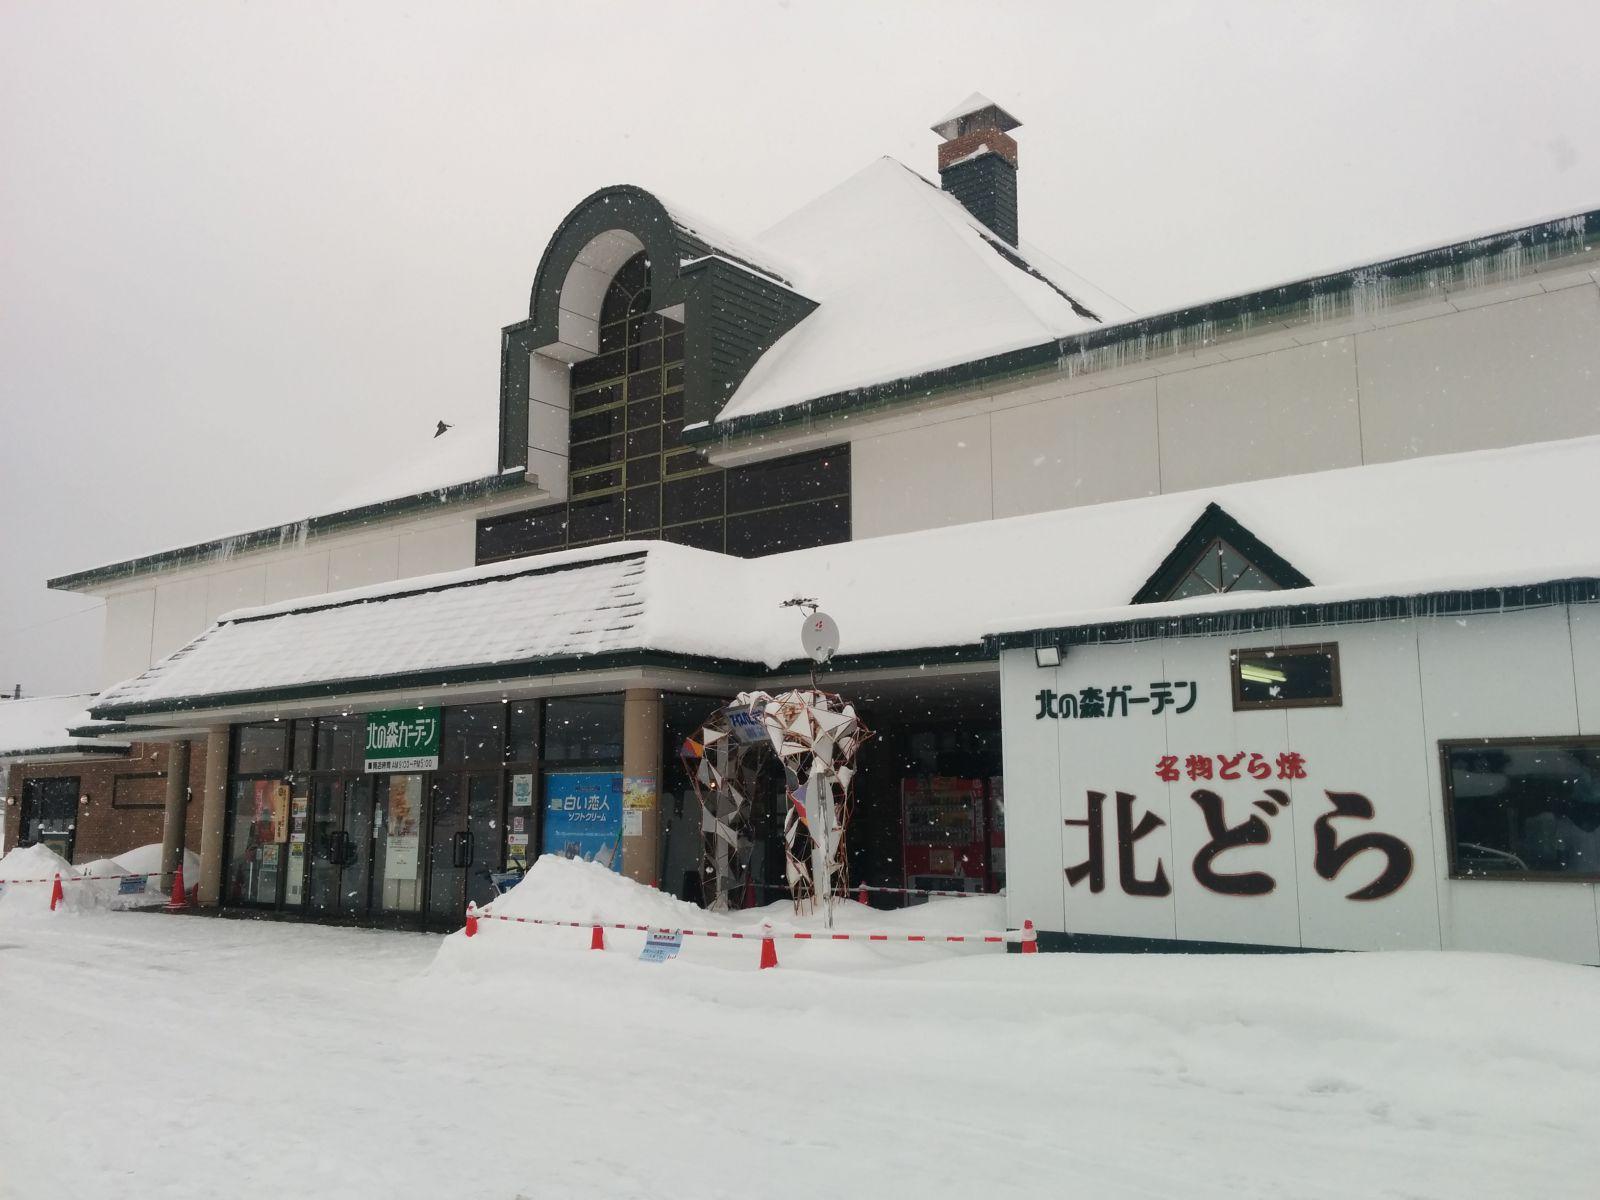 【上川町】北の森ガーデン・アイスパビリオン観光タクシー